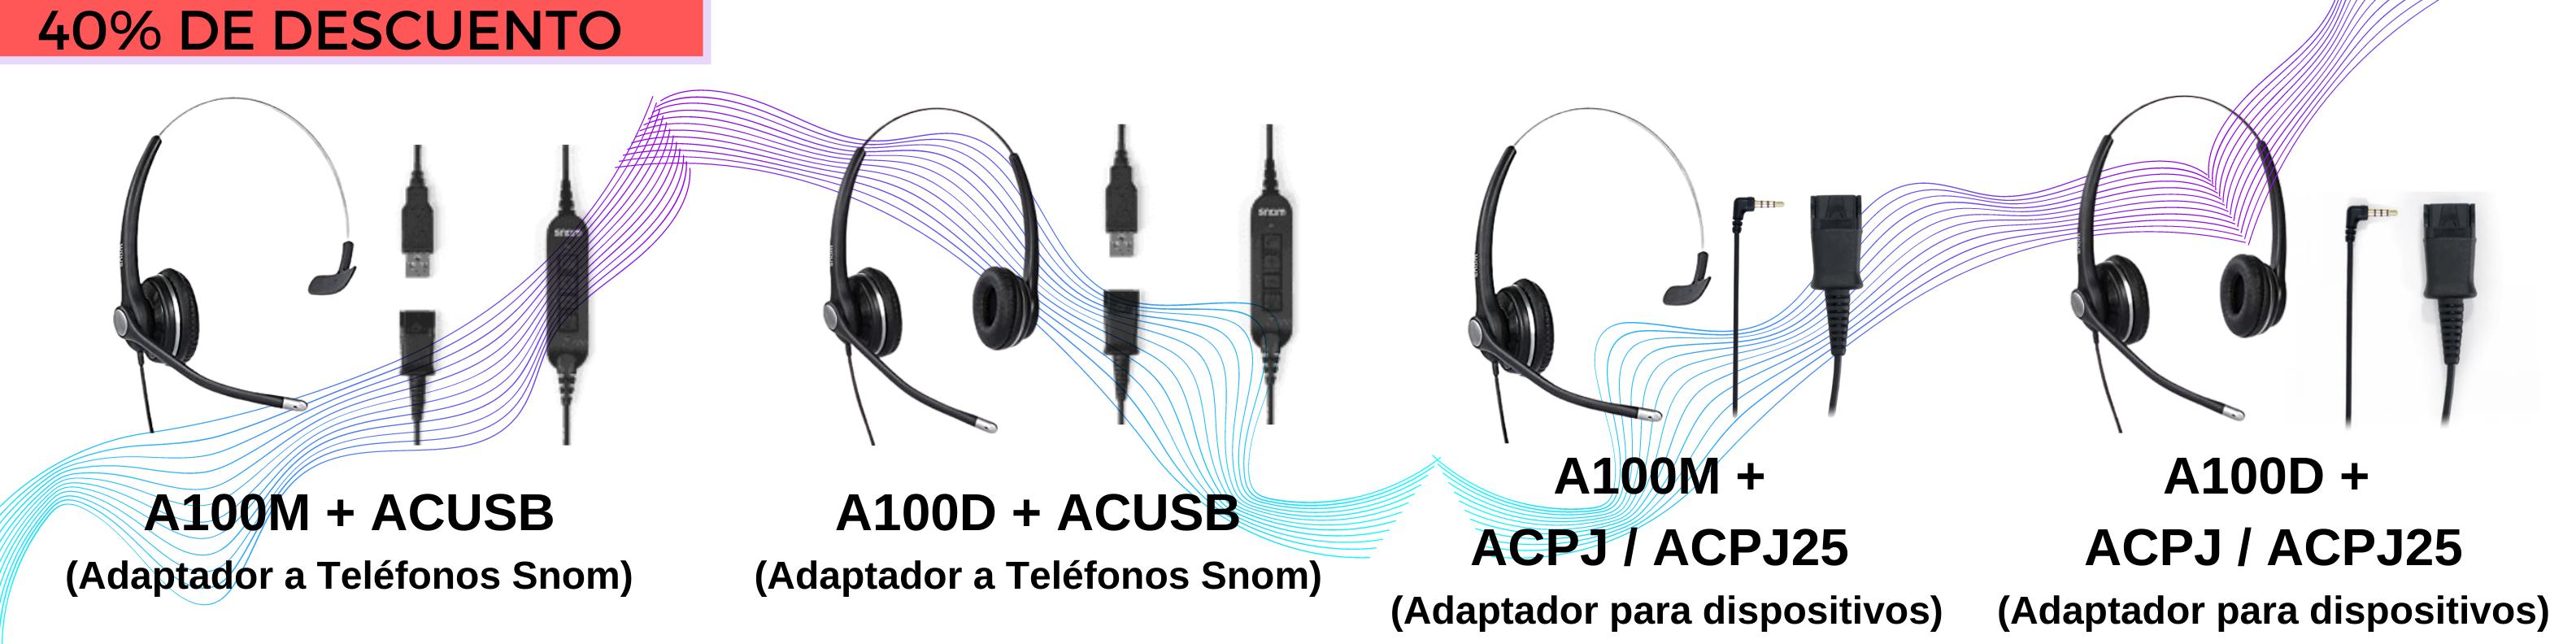 Blog-noticia-snom-auriculares-promo-octubre